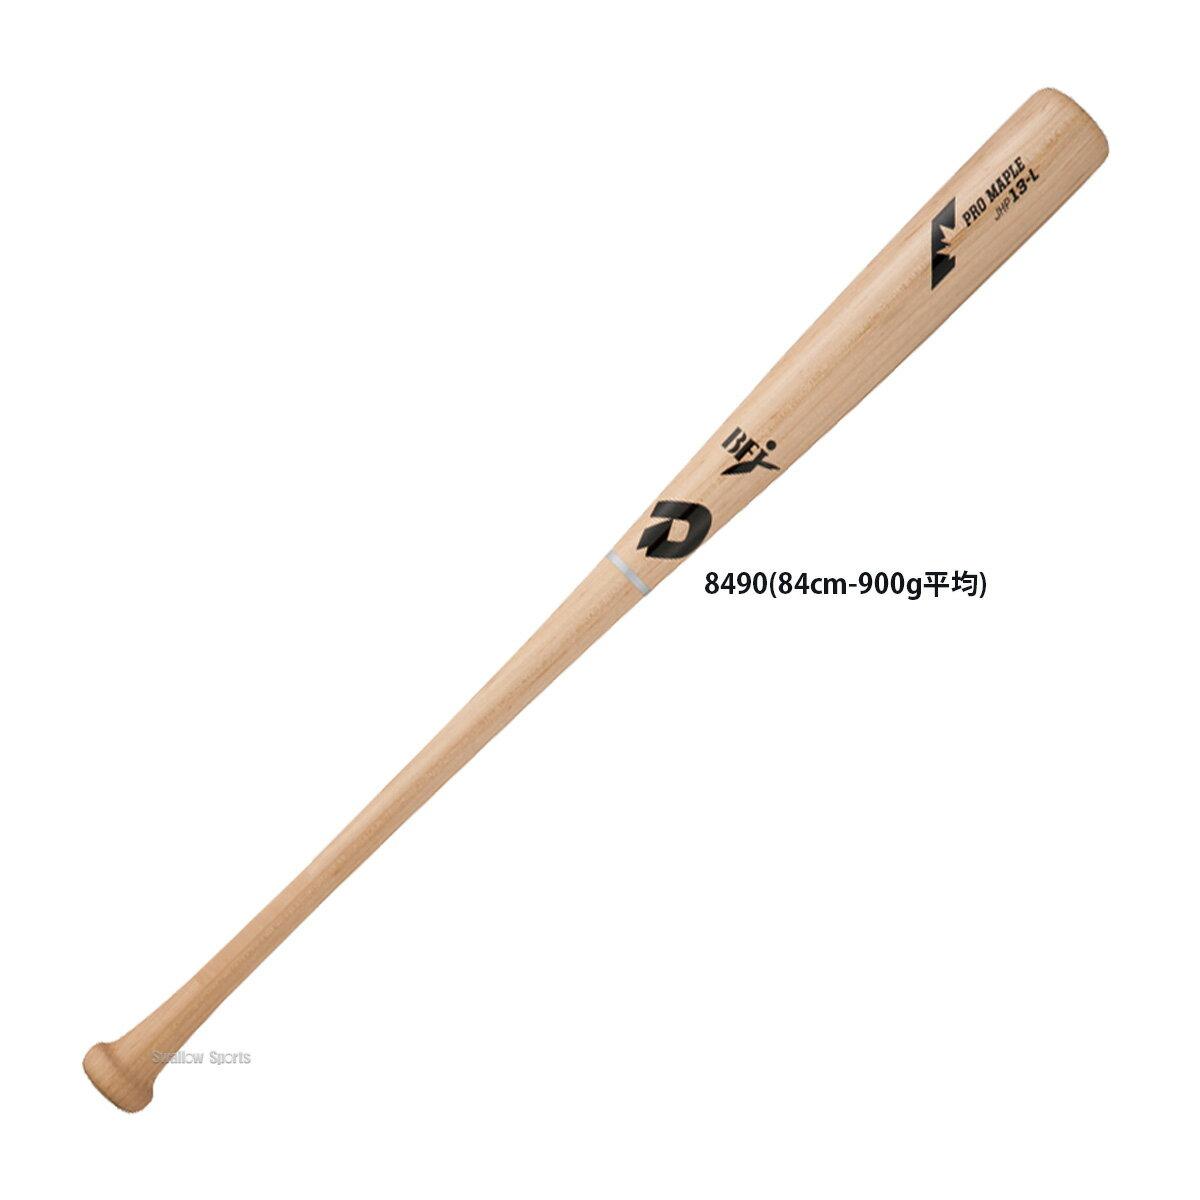 【あす楽対応】 ウィルソン ディマリニ 限定 硬式 木製 バット ディマリニ プロメープル (13T型) WTDXJHP13 バット 硬式バット 野球用品 スワロースポーツ ☆hqkb